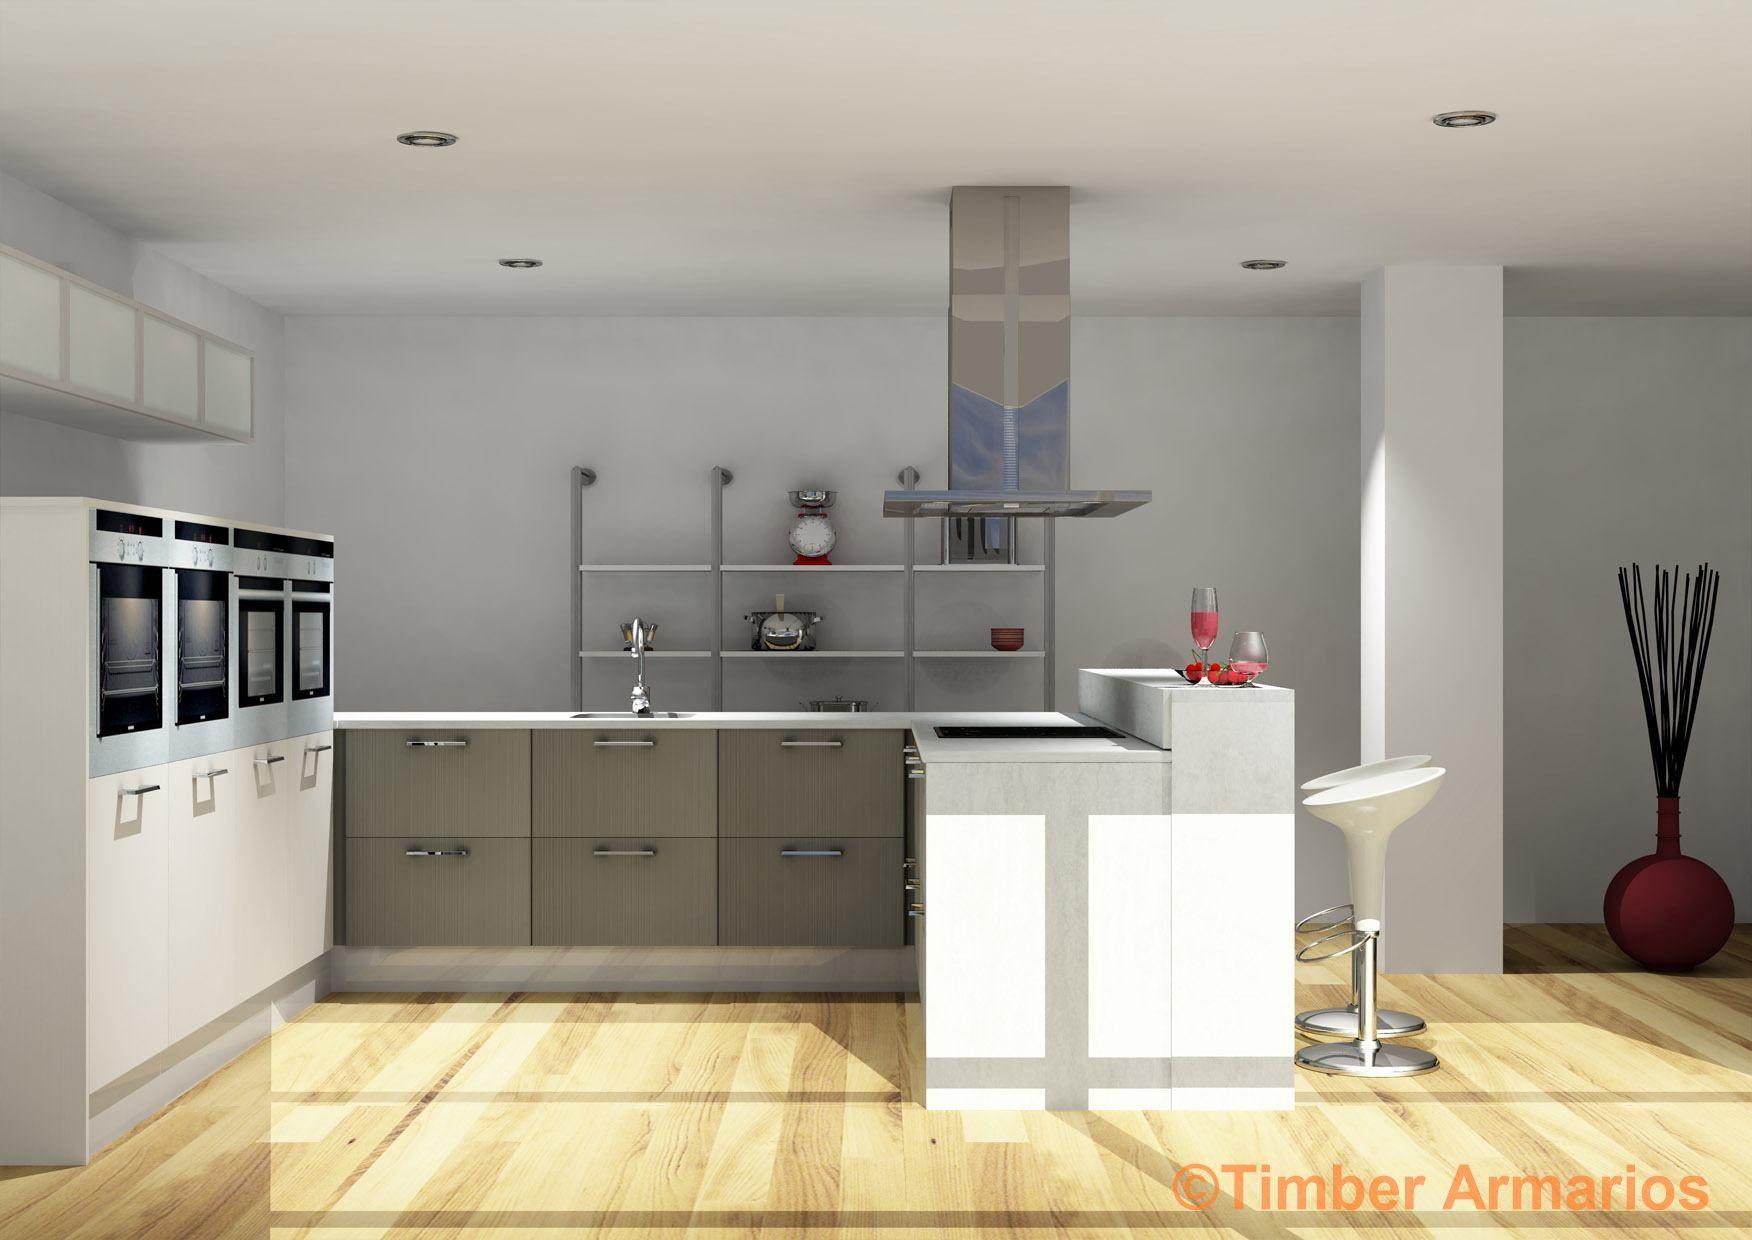 Planos de cocinas pequeas en 3d finest cocina de madera for Planos de cocinas 3d